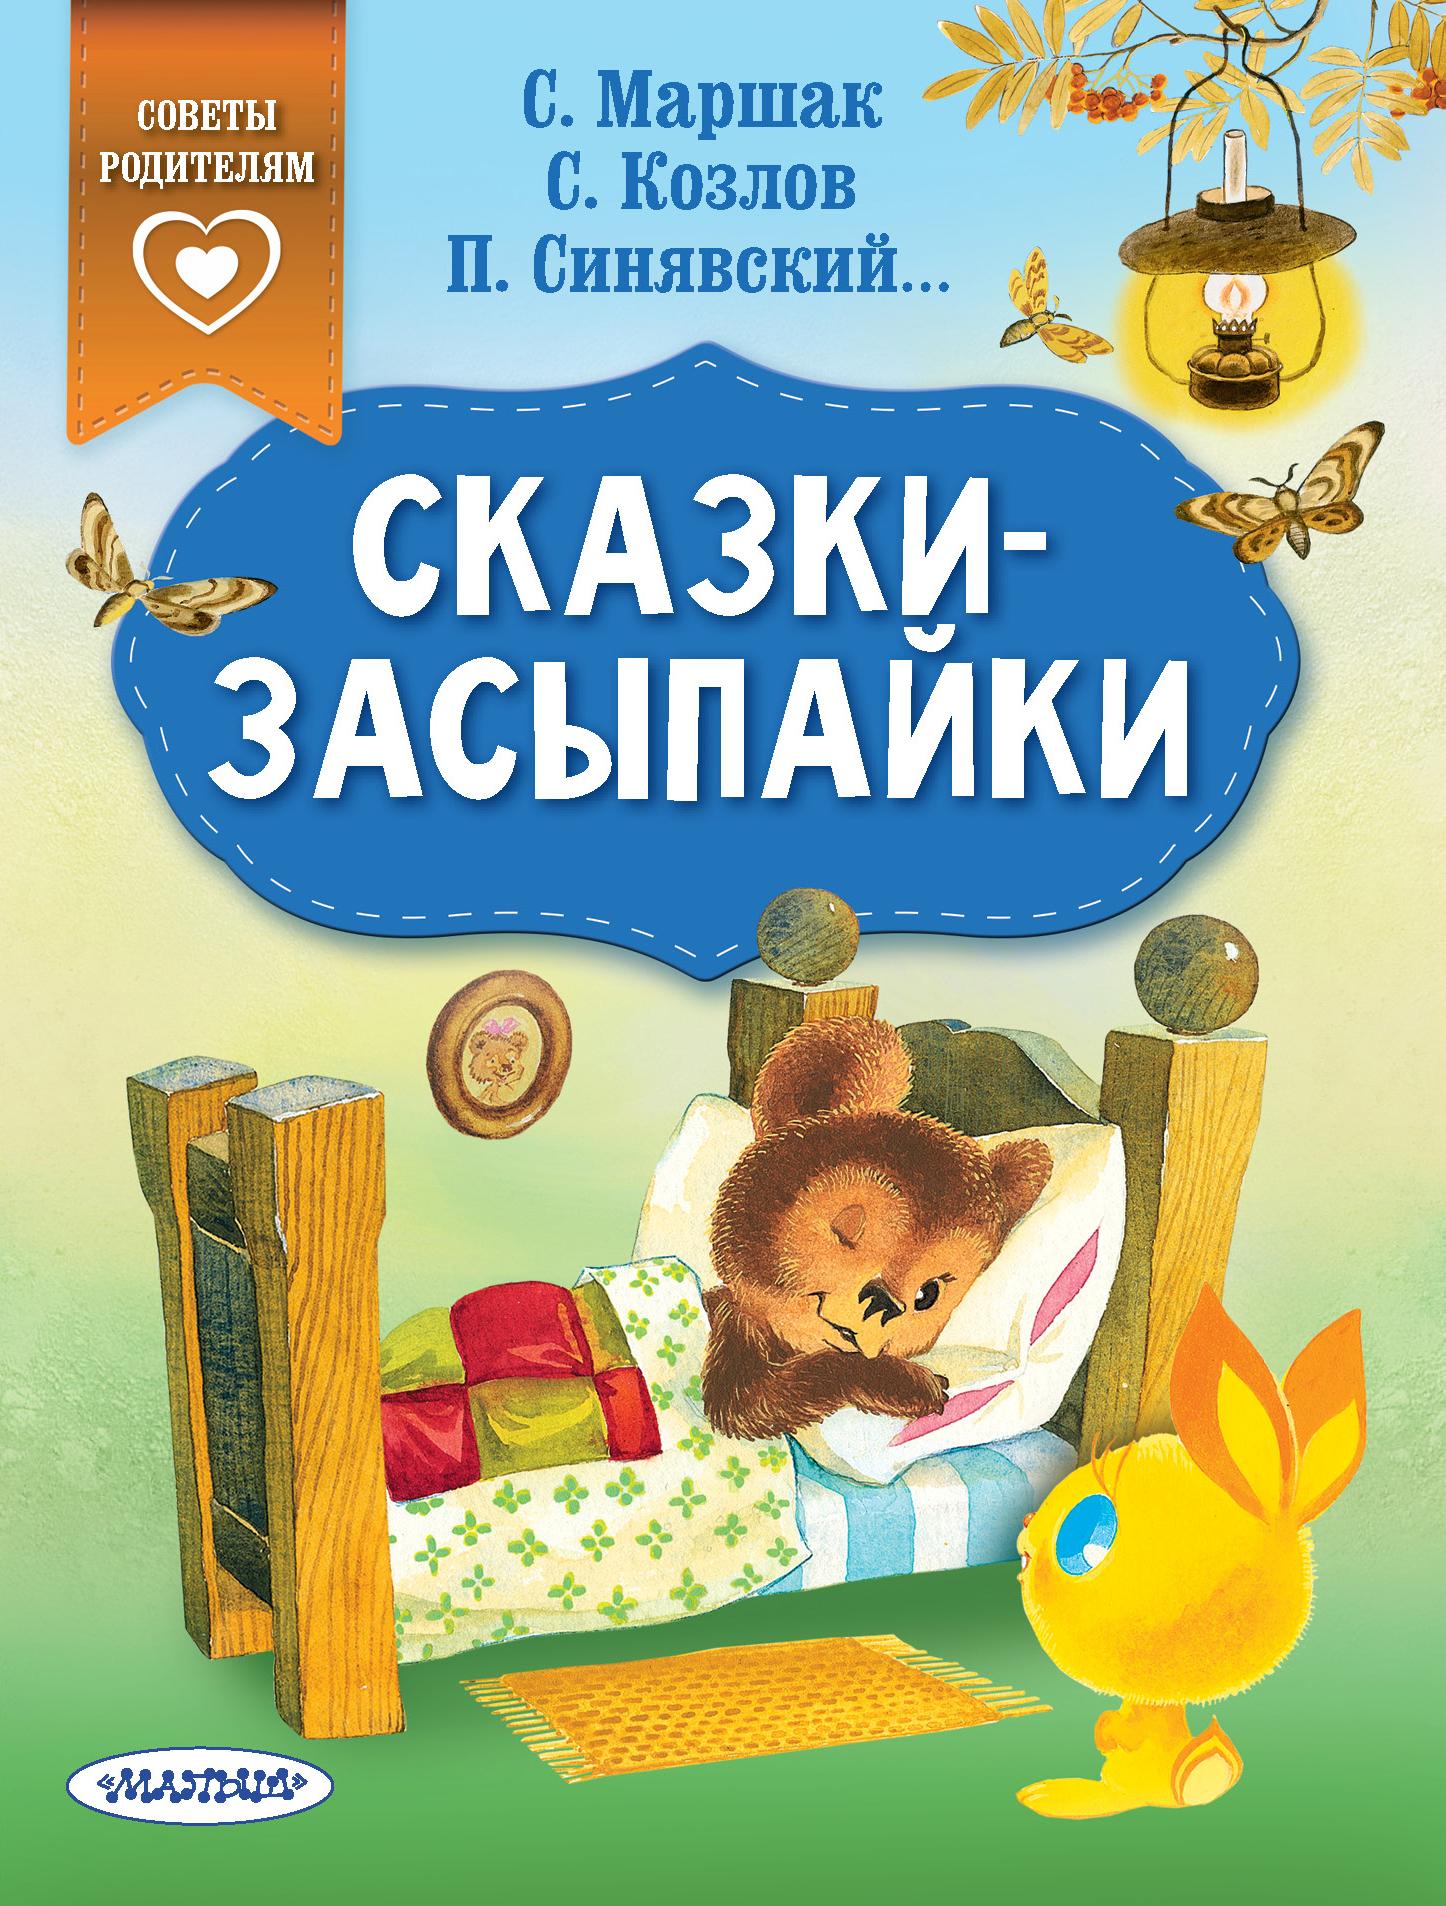 Маршак С.Я., Синявский П.А., Козлов С.Г. Сказки-засыпайки